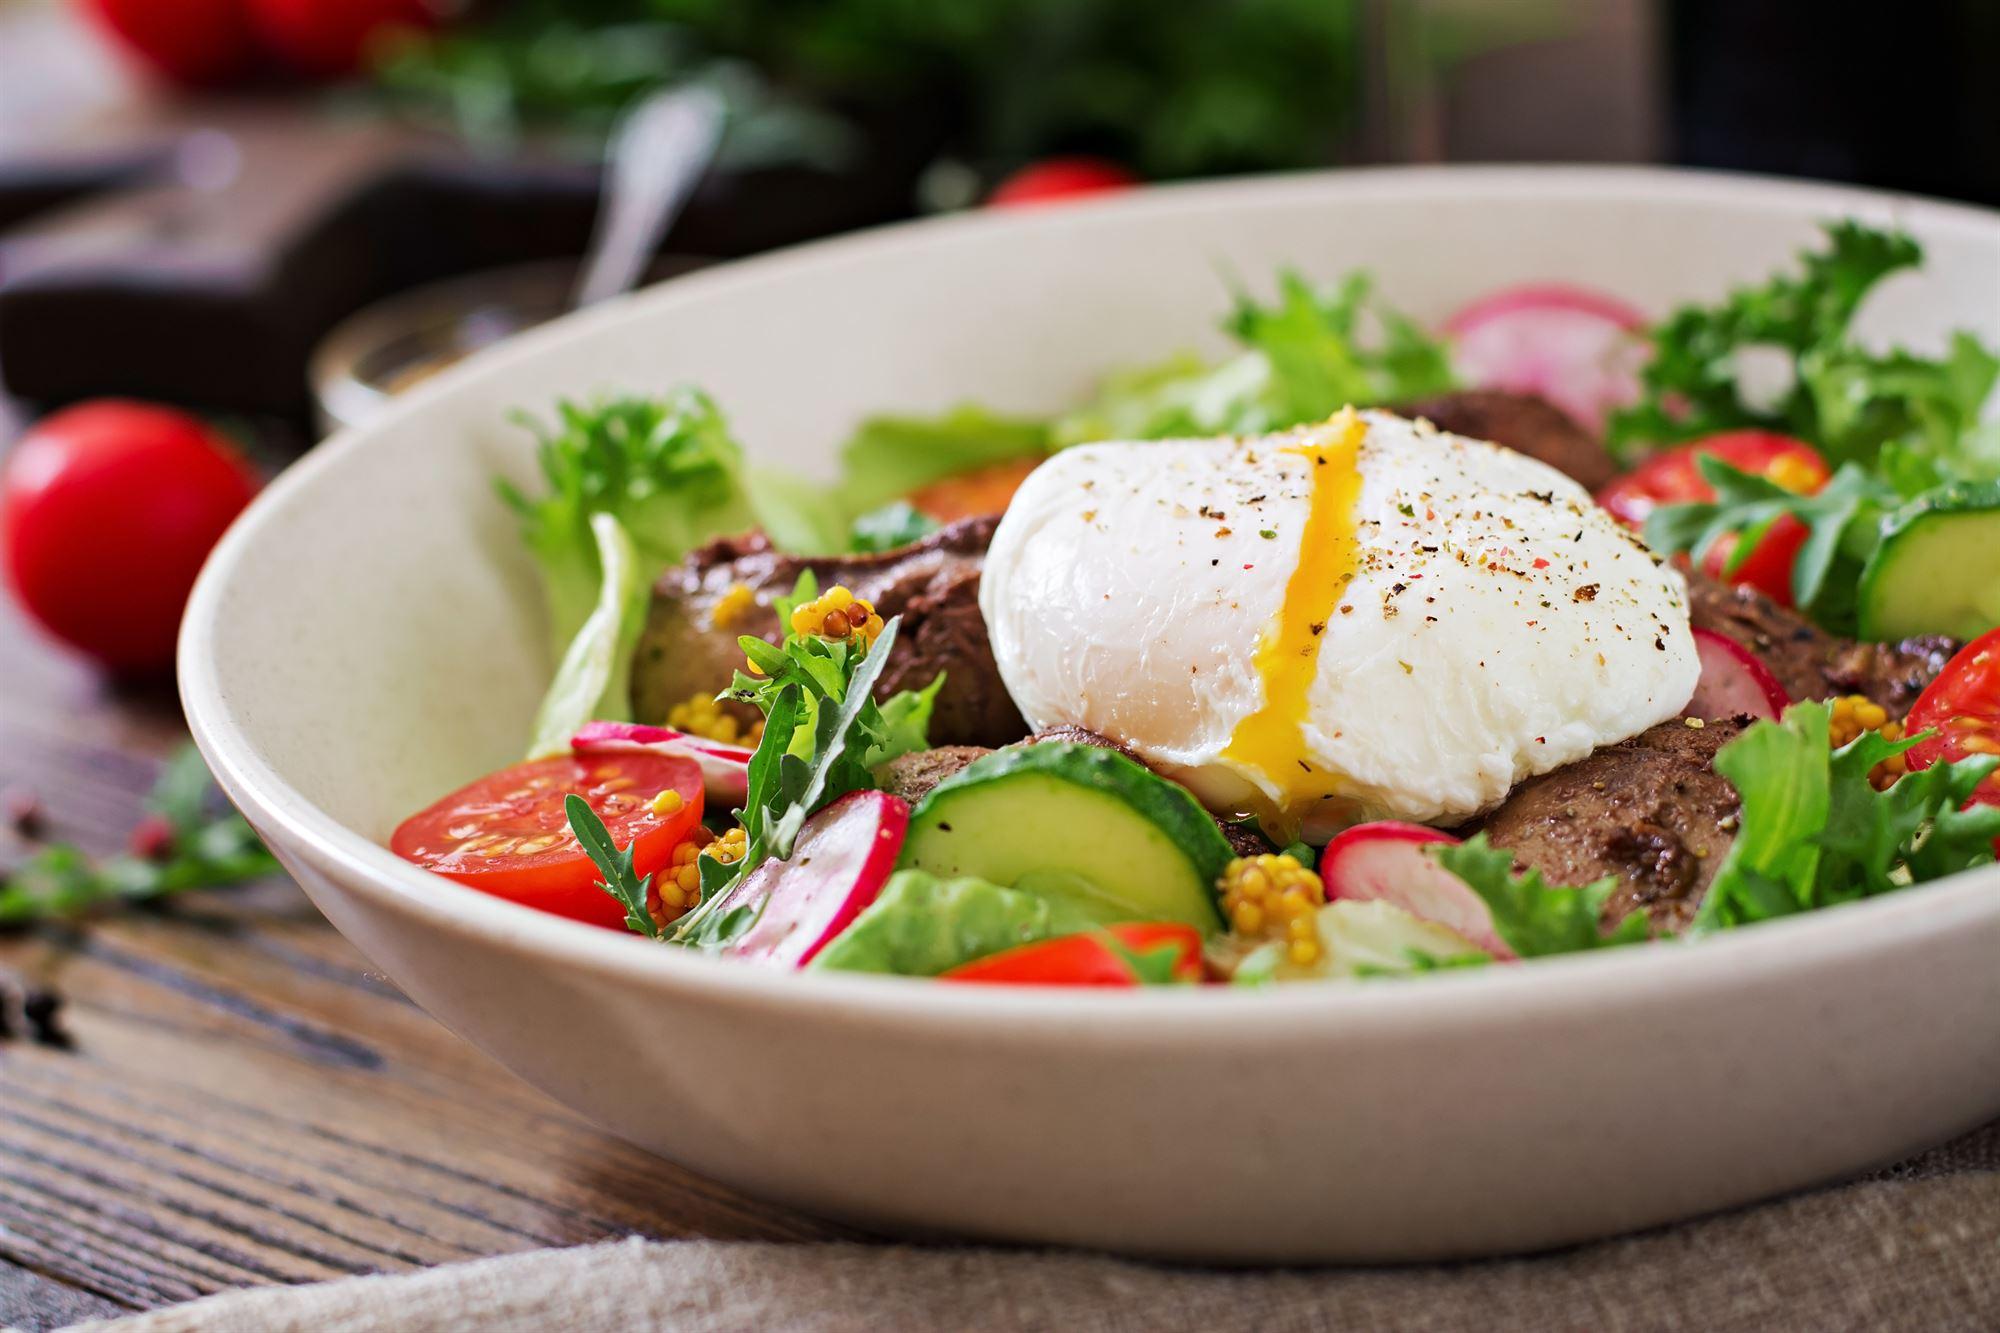 Pocherede æg med mayonnaise og salat